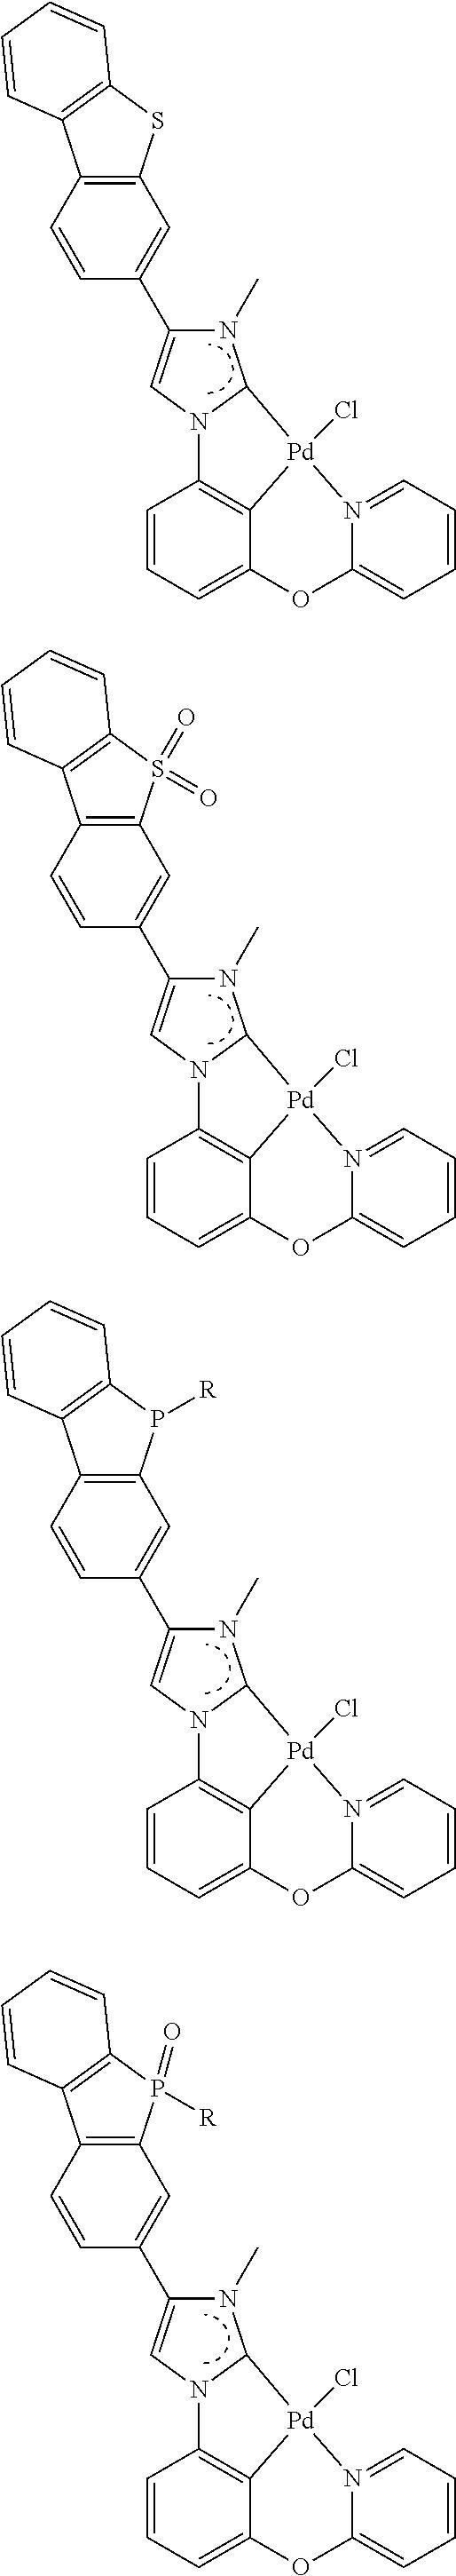 Figure US09818959-20171114-C00540